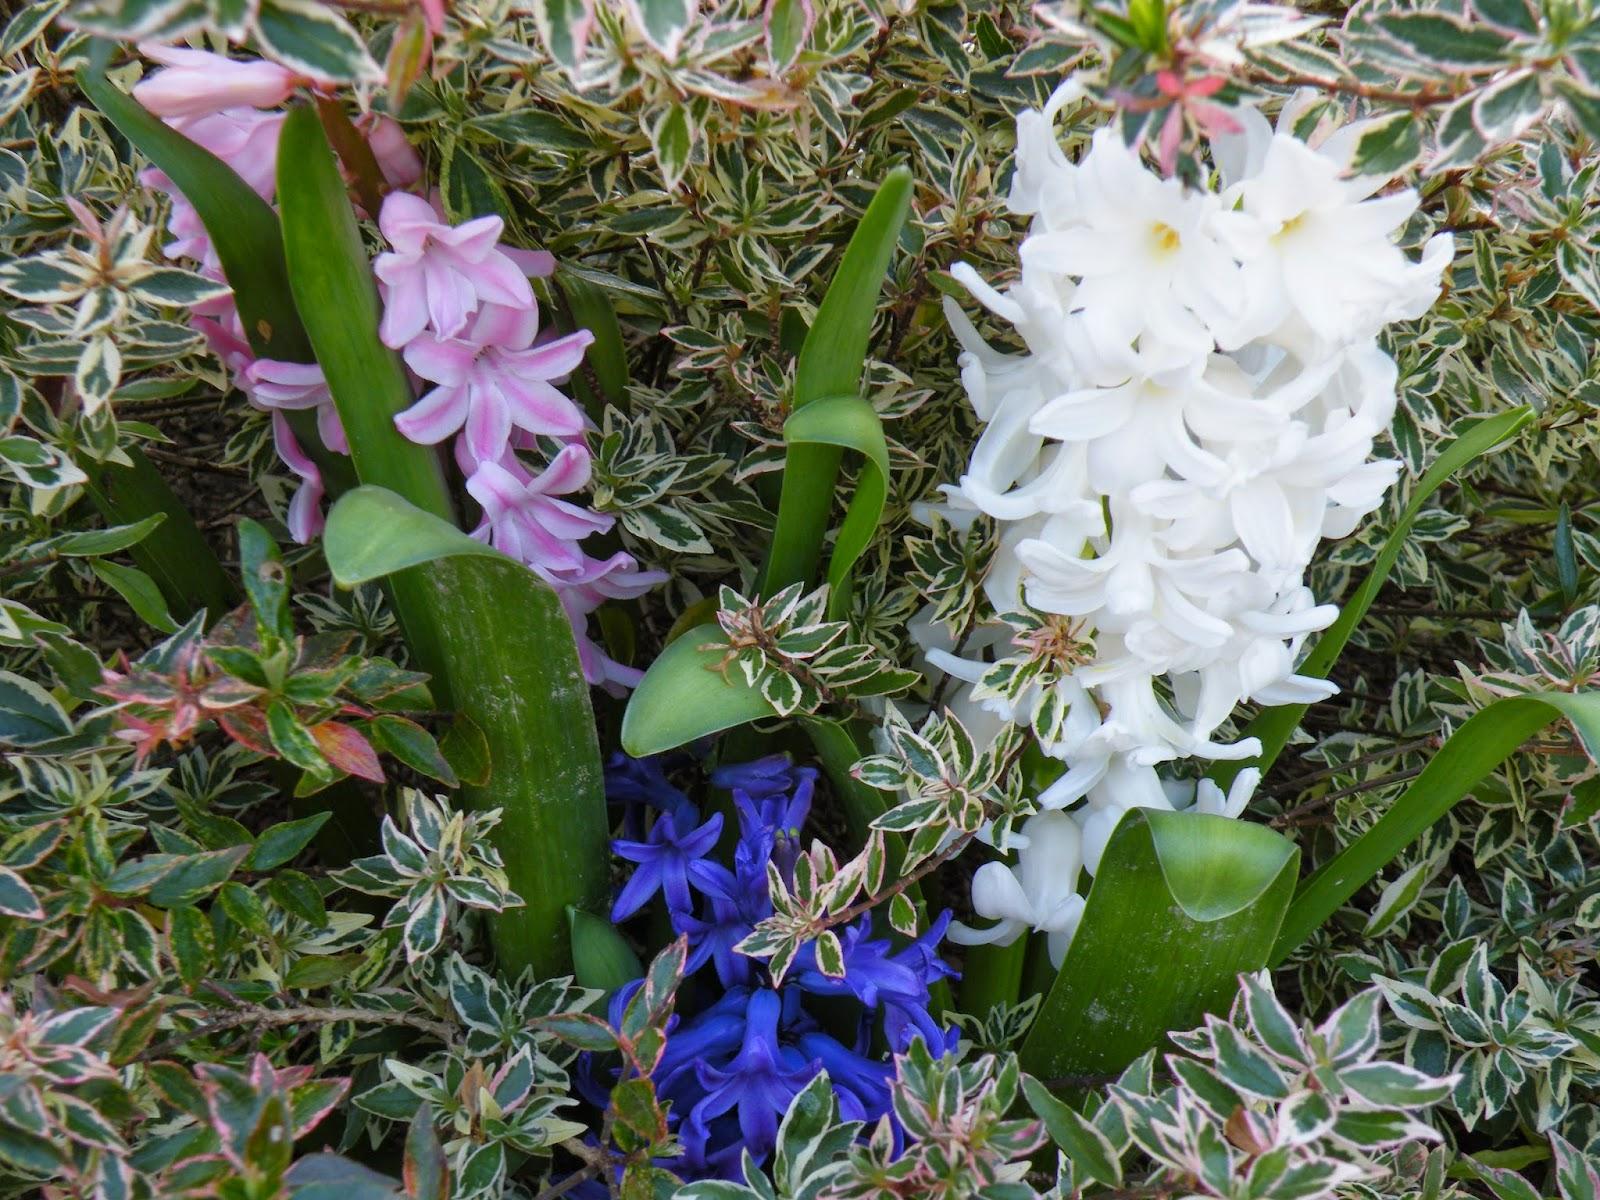 Du four au jardin et mes dix doigts jacinthes 2 for Plante 5 doigts bahamas